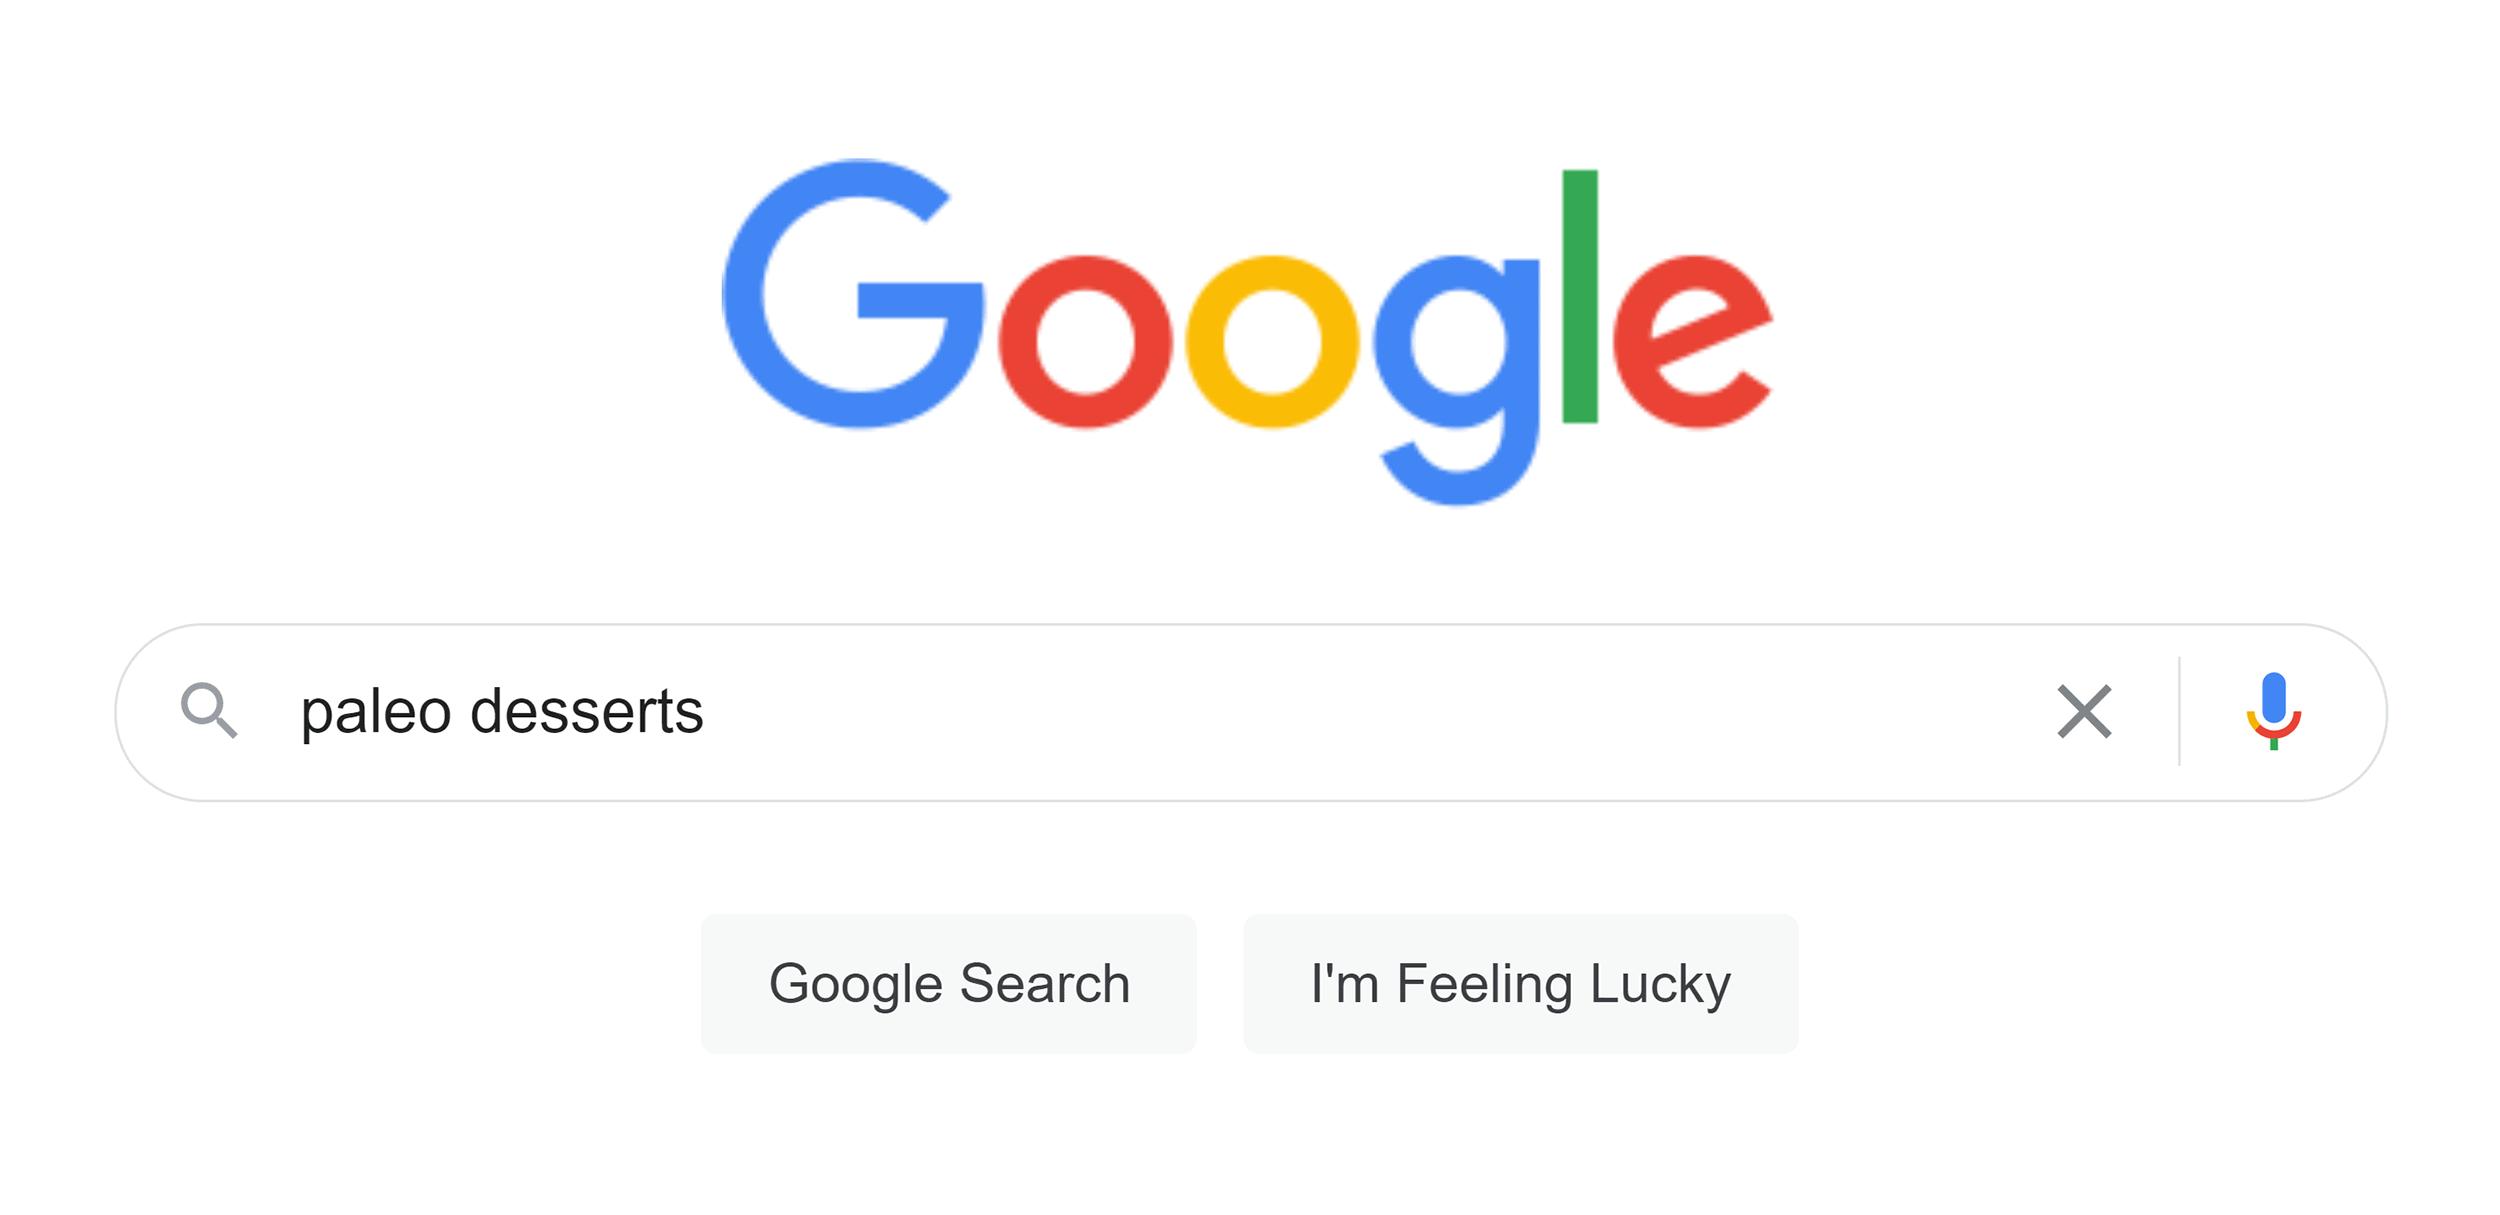 جستجوی گوگل - دسرهای سرخپوشان